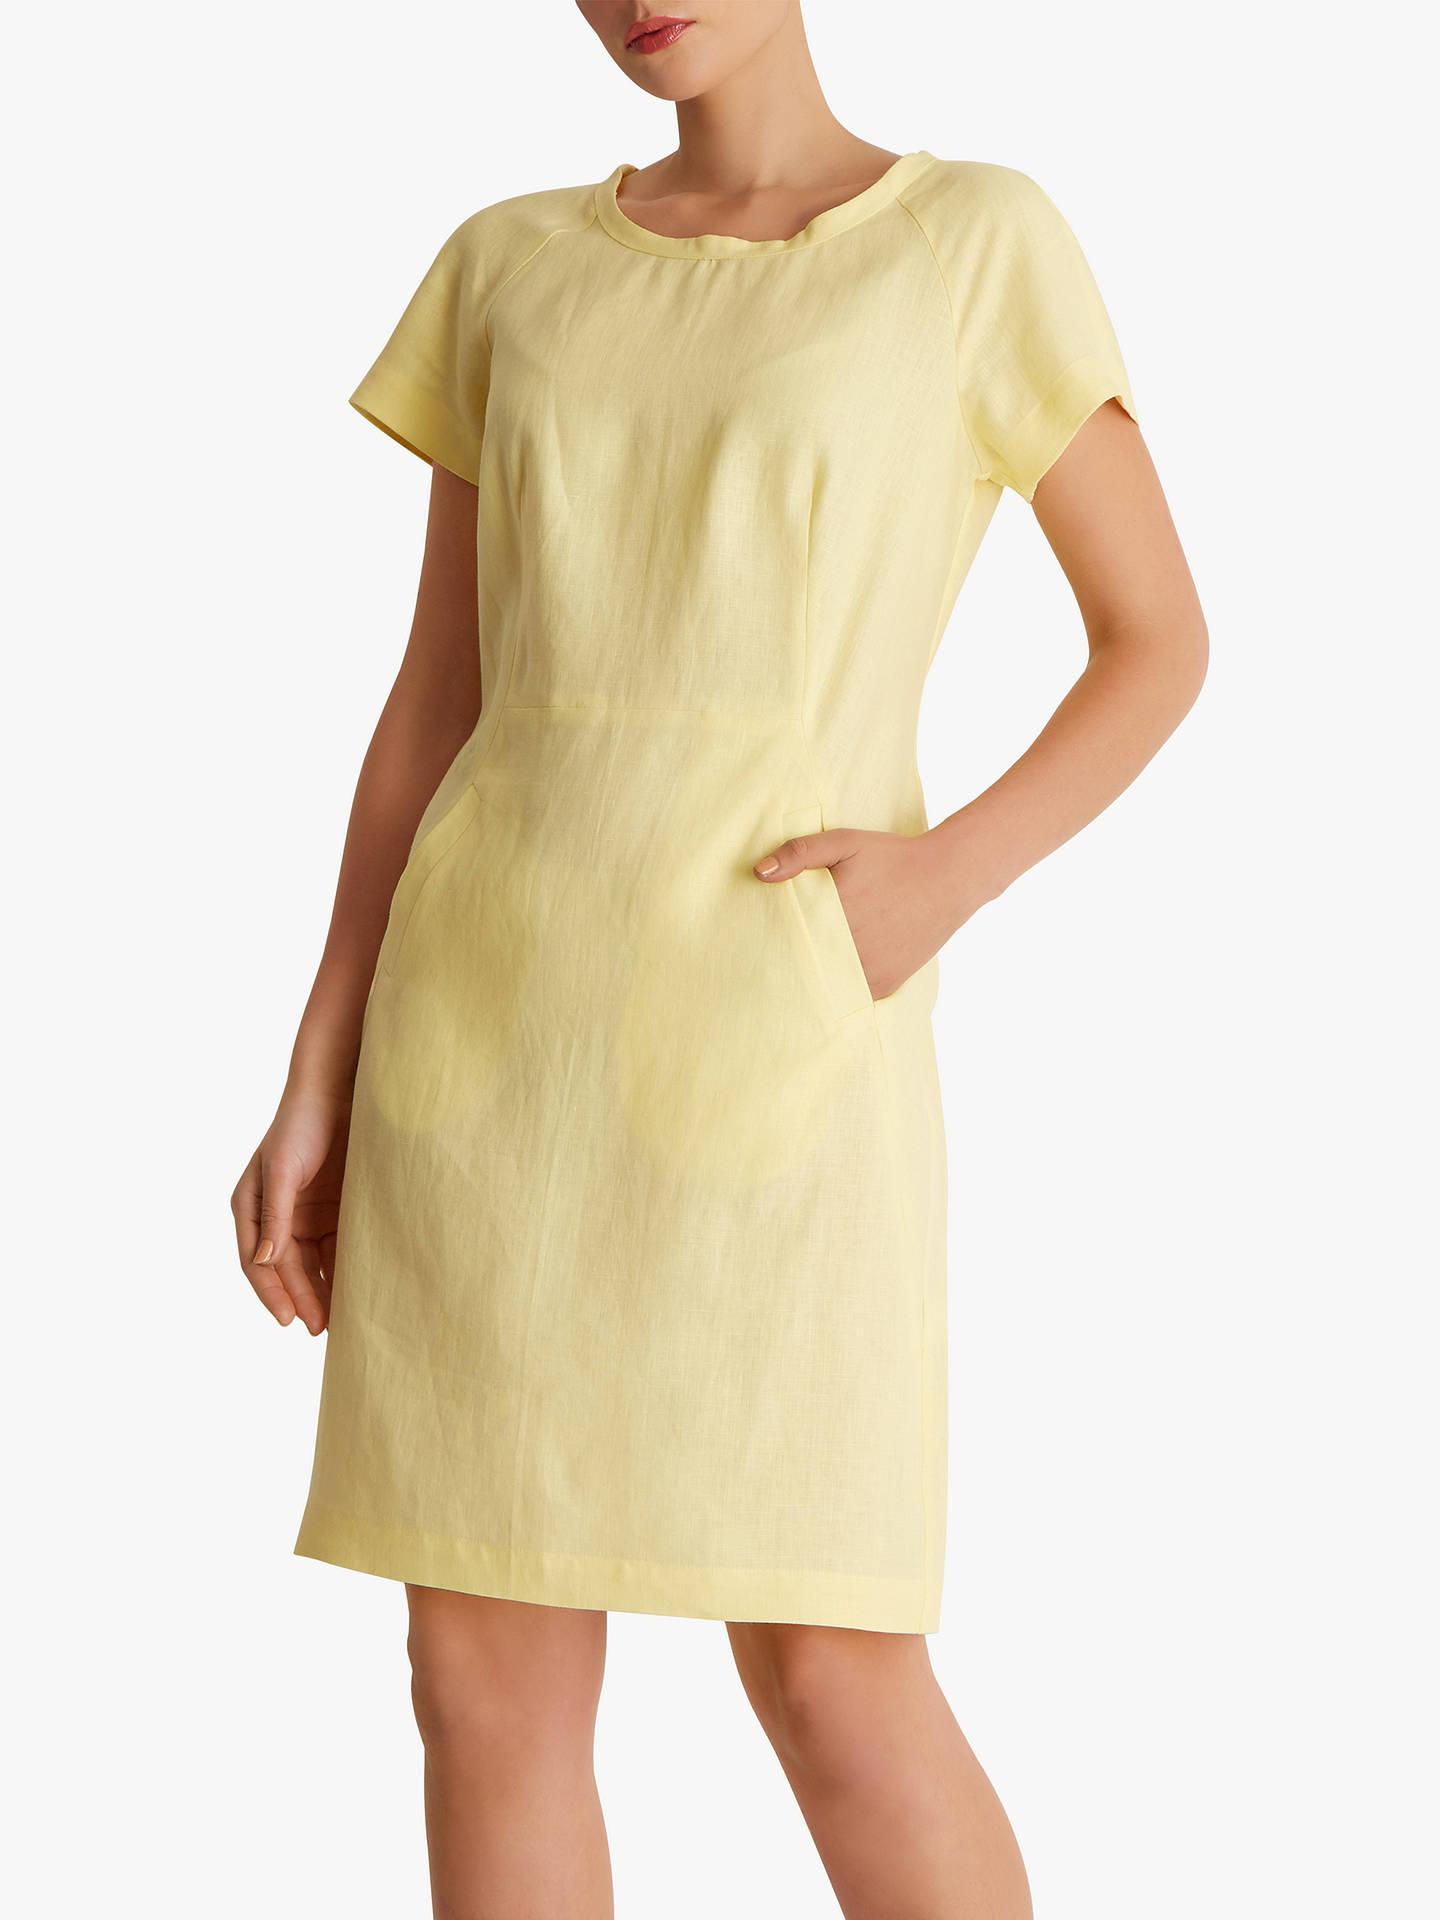 Fenn Wright Manson Santorini Linen Dress, Lemon